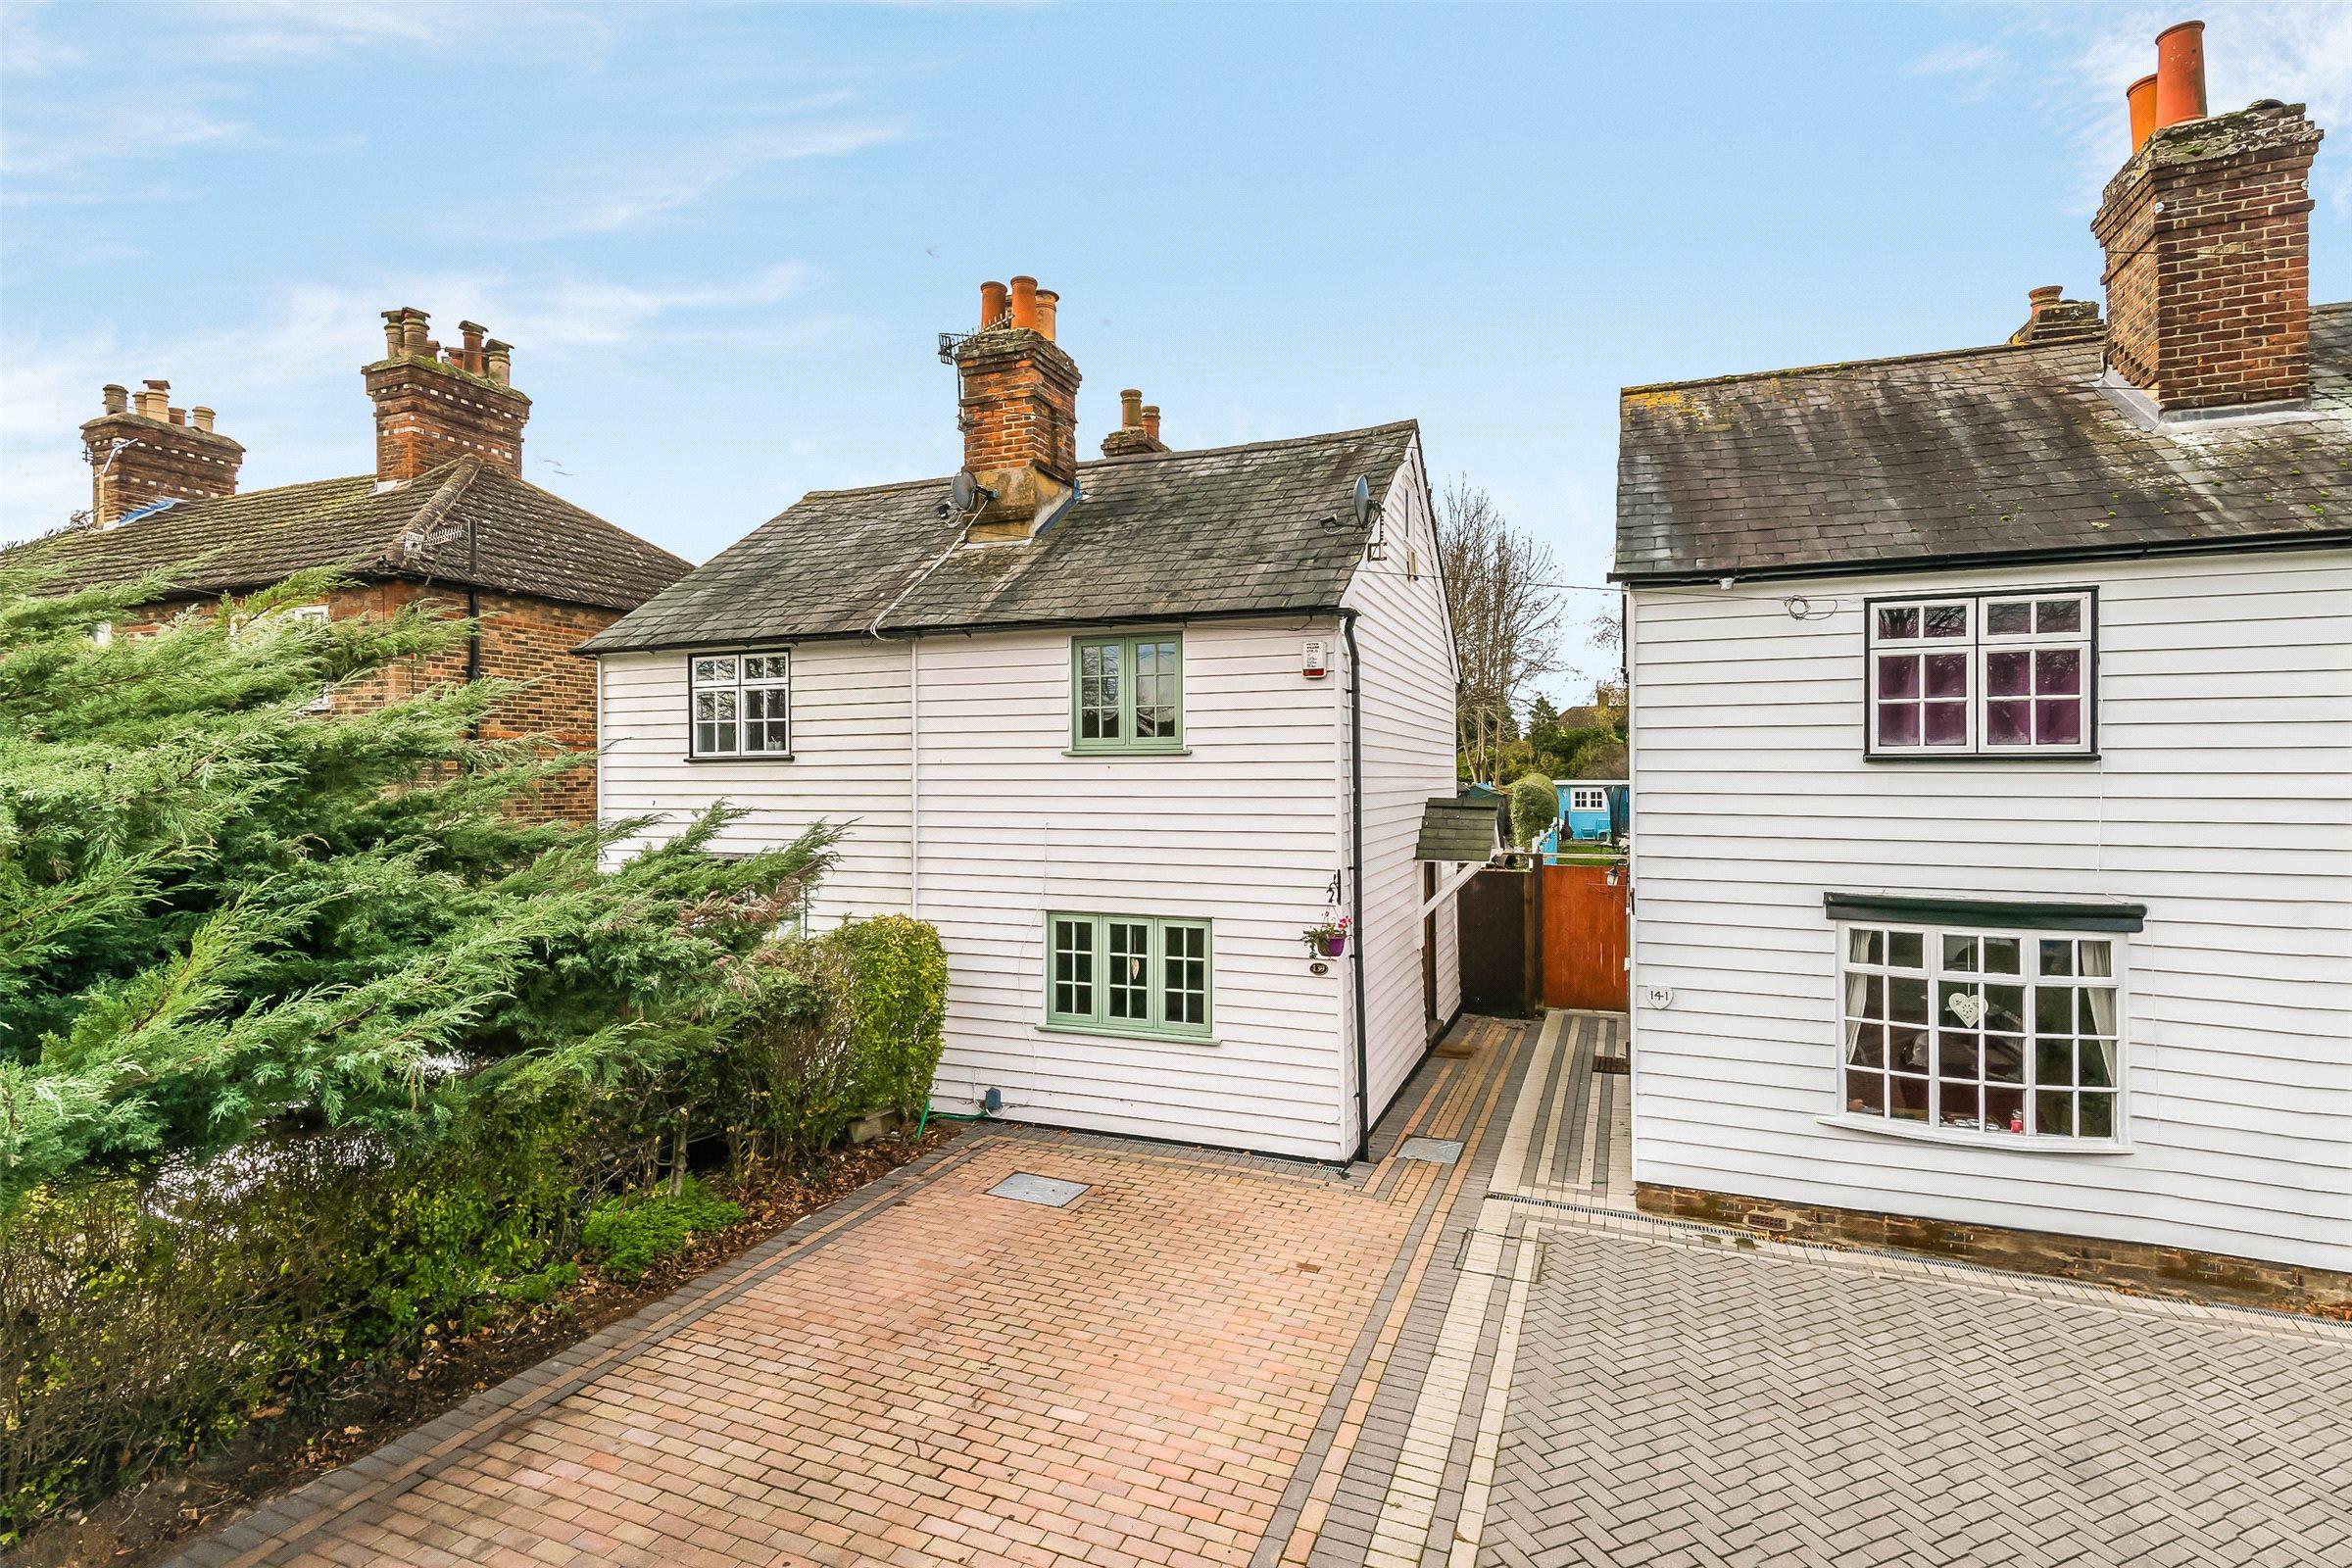 3 Bedrooms Semi Detached House for sale in Albert Road, Horley, Surrey, RH6